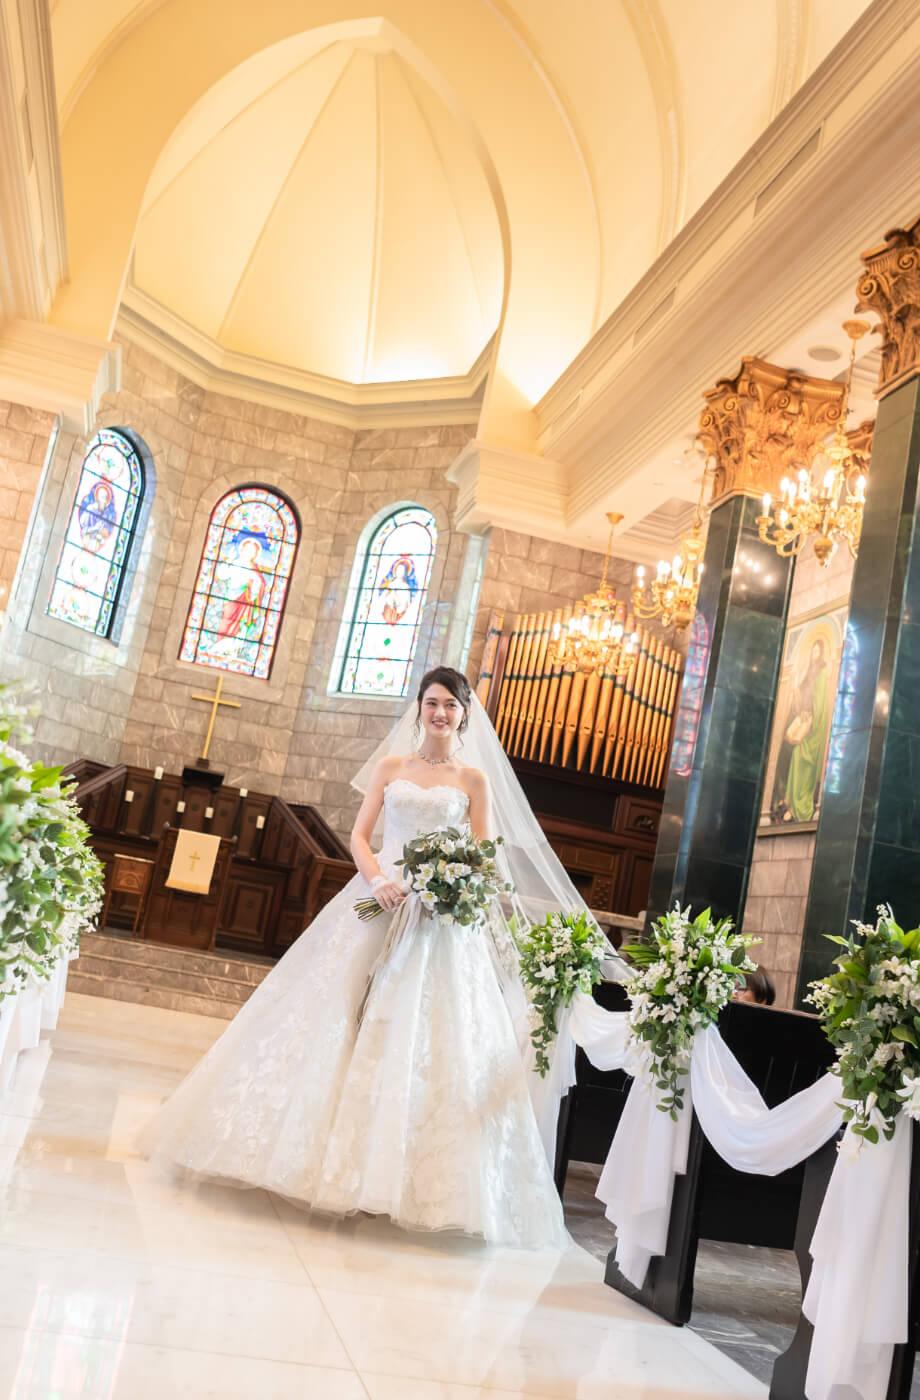 長崎結婚式場 本格大聖堂結婚式 セントロイヤルチャーチ